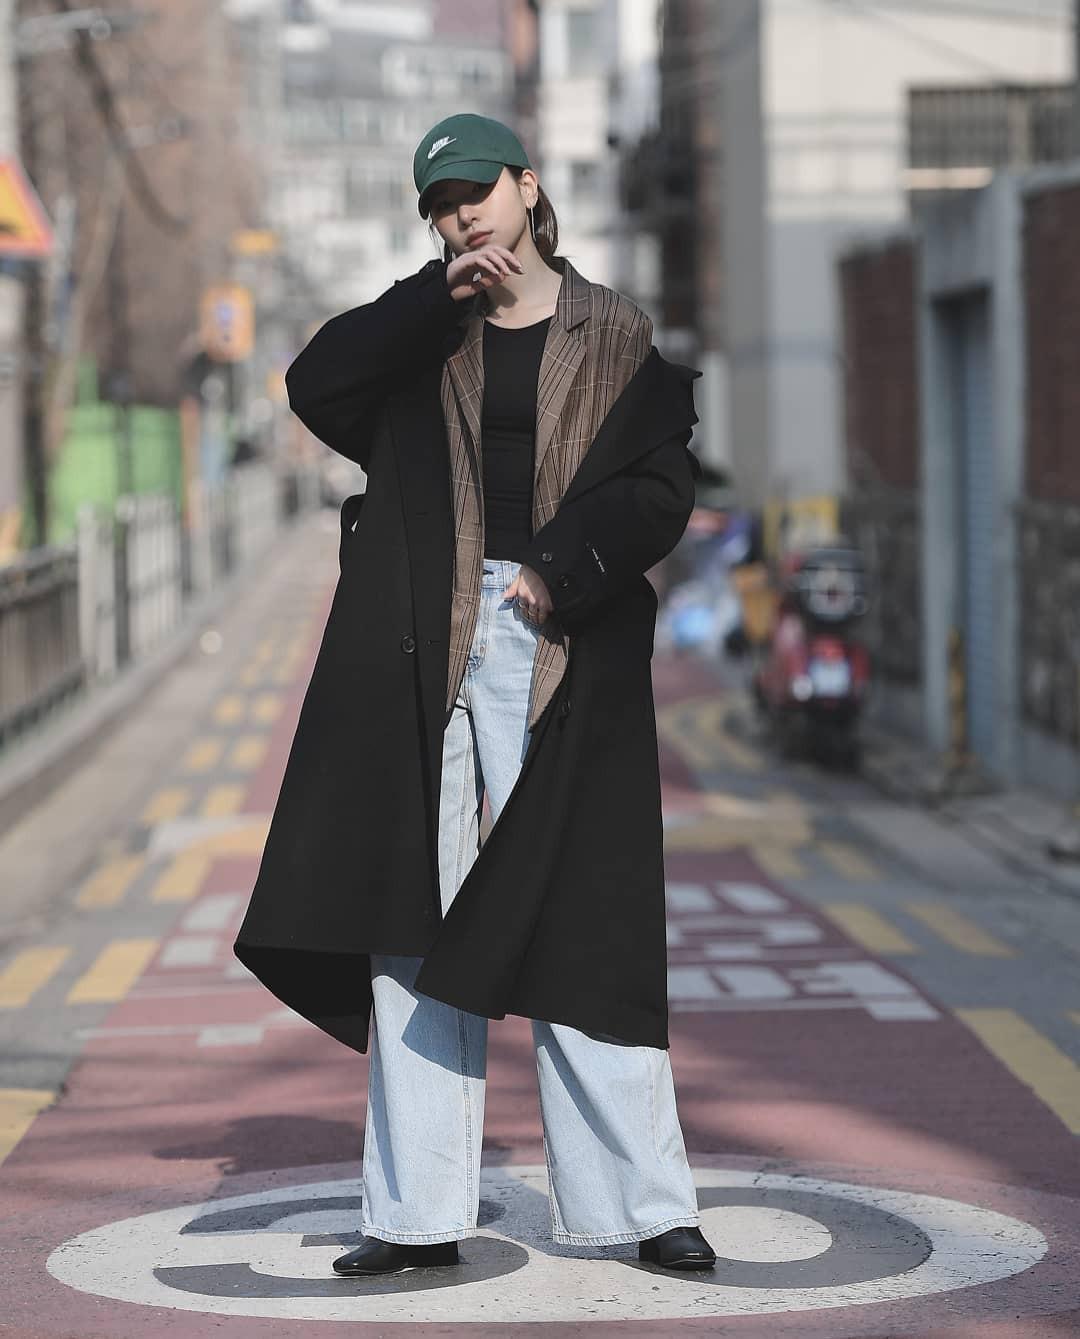 Loạt công thức mix đồ hot hit nhất của mùa xuân mà bạn cần biết nằm cả ở street style của giới trẻ Hàn tuần qua - Ảnh 9.